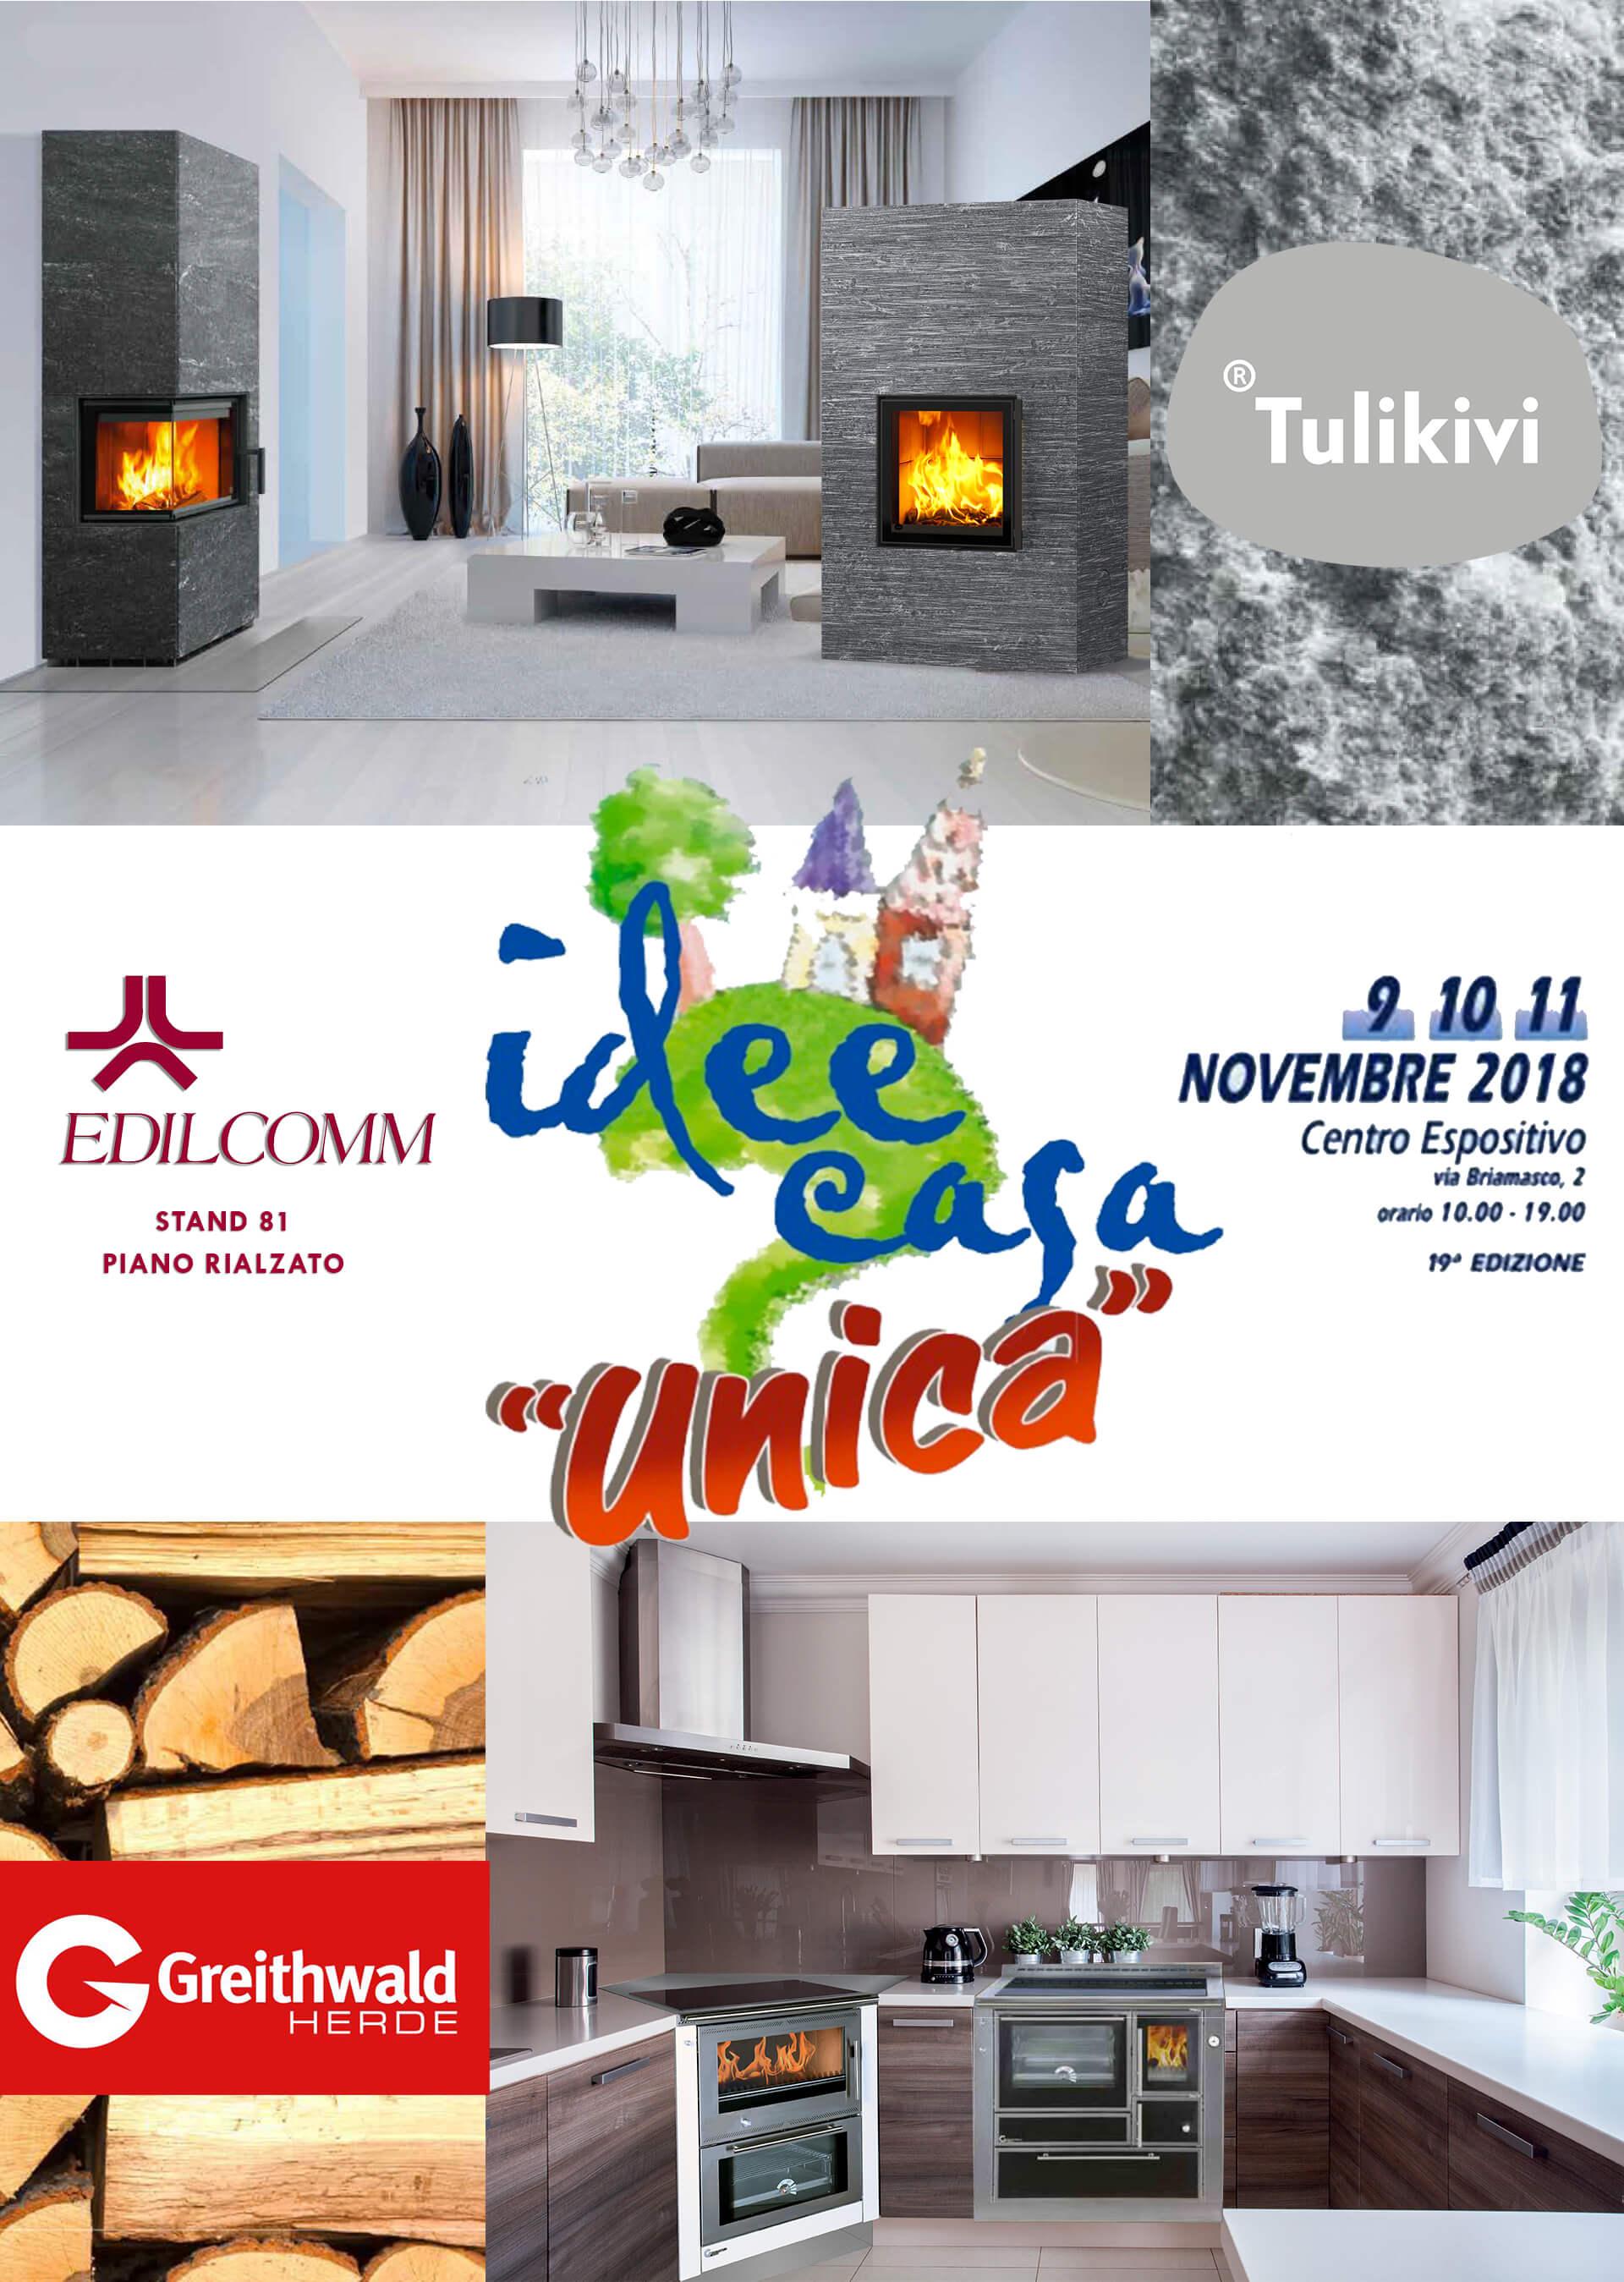 Mezzocorona expo 2018 edilcomm srl - Idee casa unica ...